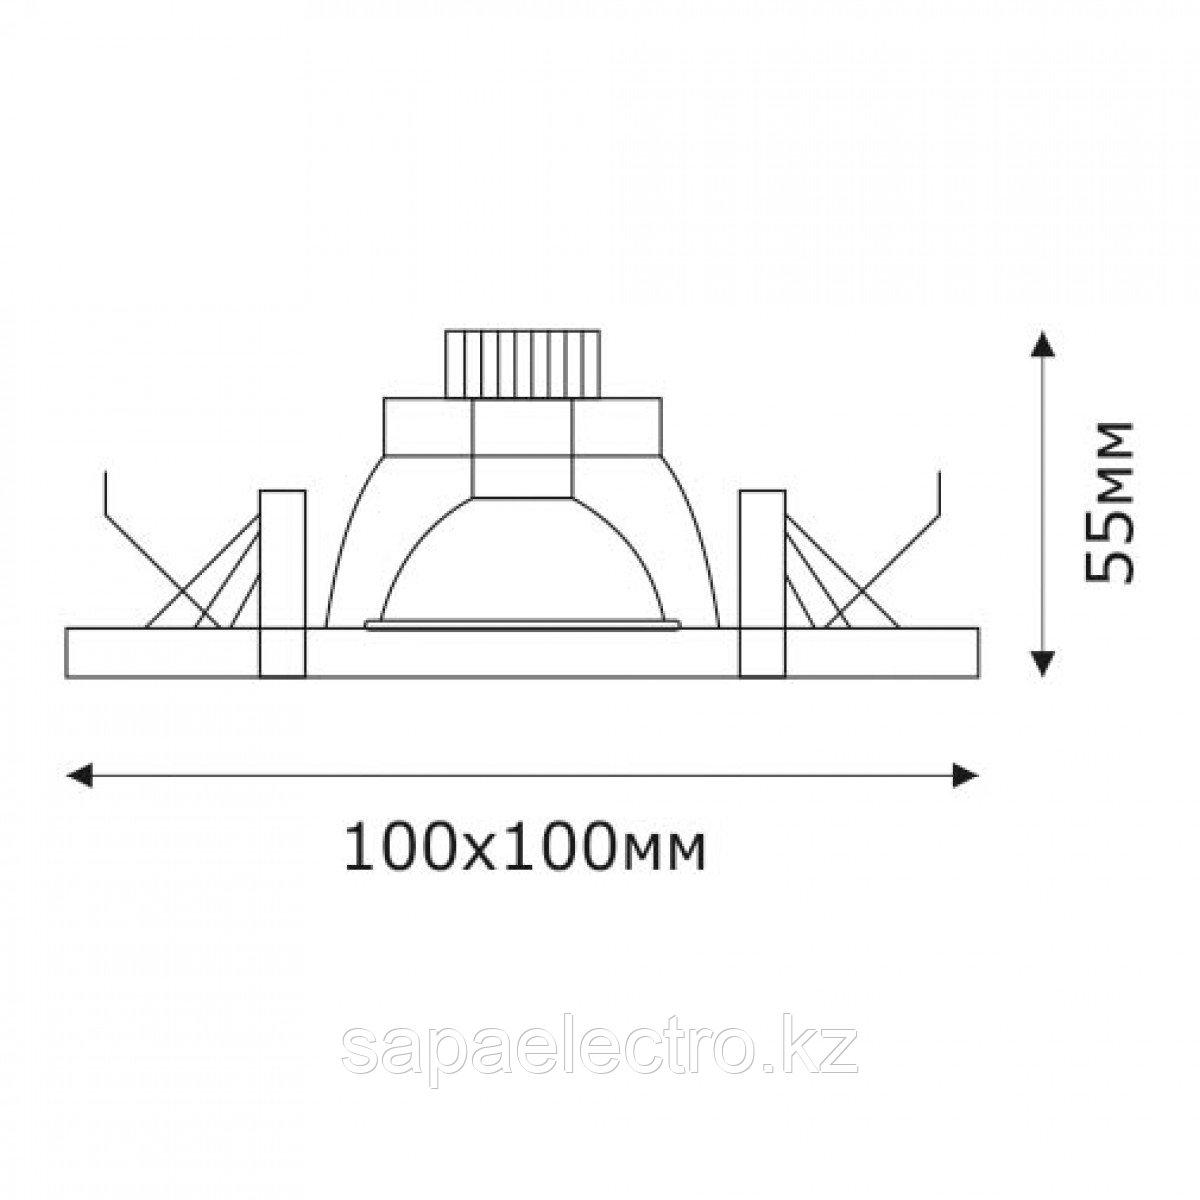 Спот LED SPD-JXYHD SQUARE 3W 5000K (TS) 60шт